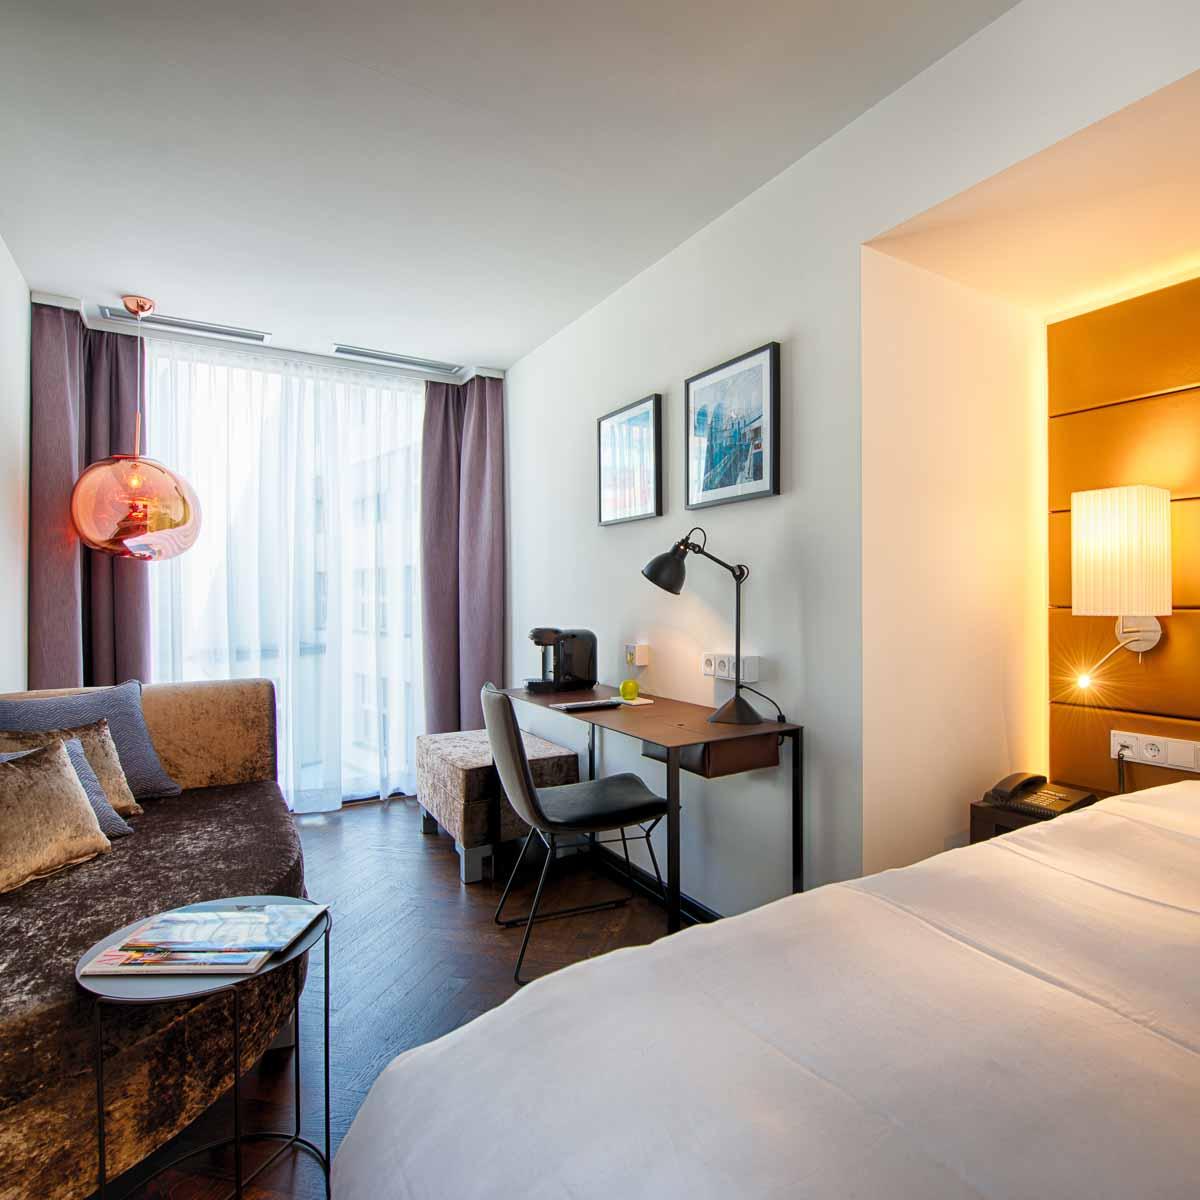 Hotel i31 Berlin Mitte © Andreas Rehkopp-2